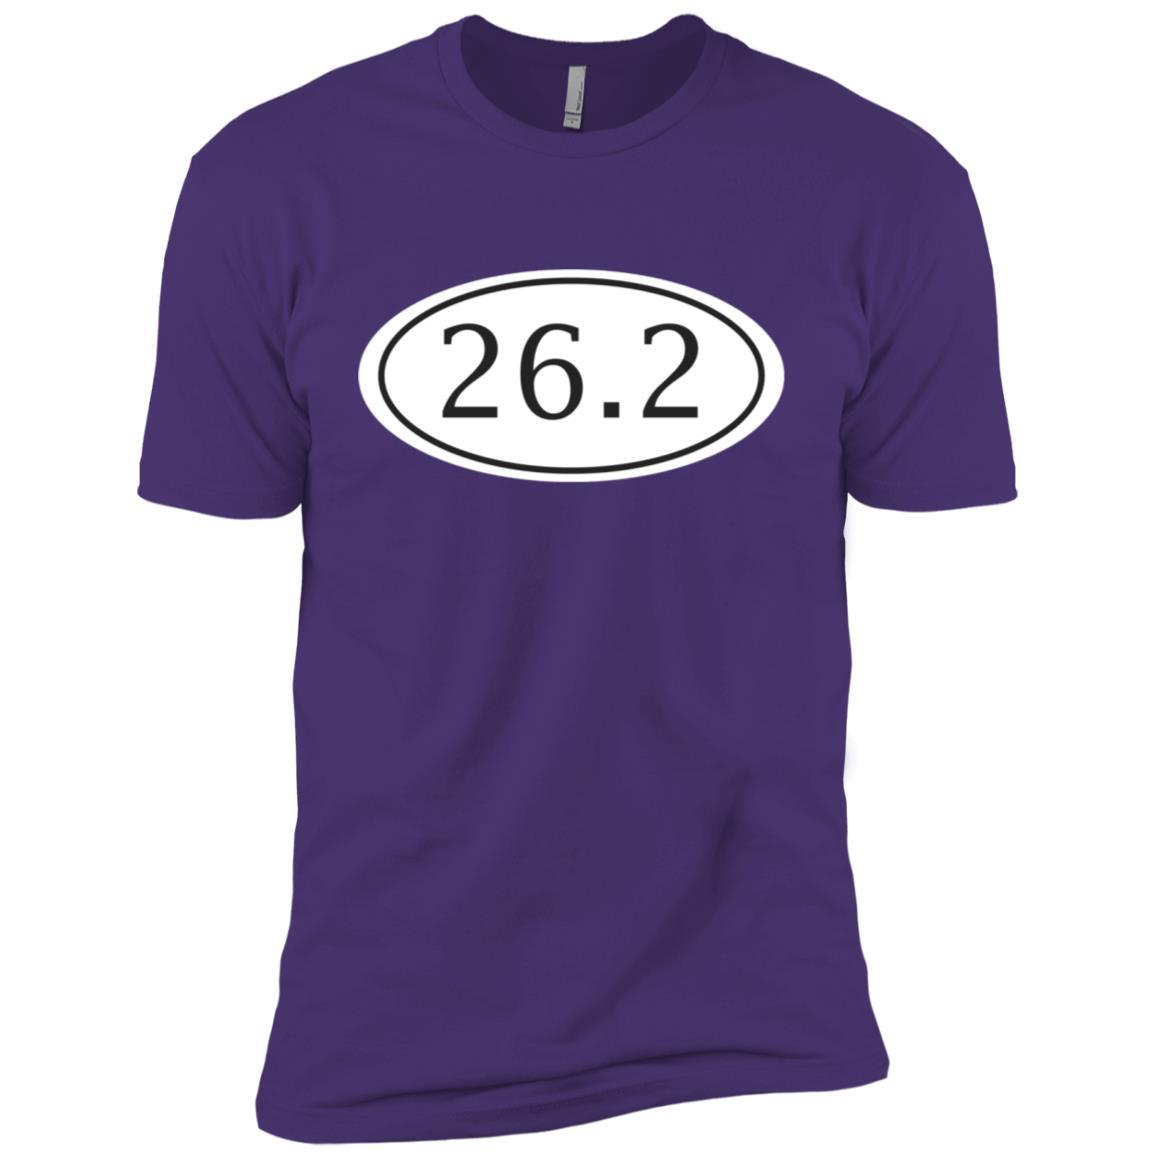 26.2 Marathon – Runner's for Marathoners Men Short Sleeve T-Shirt